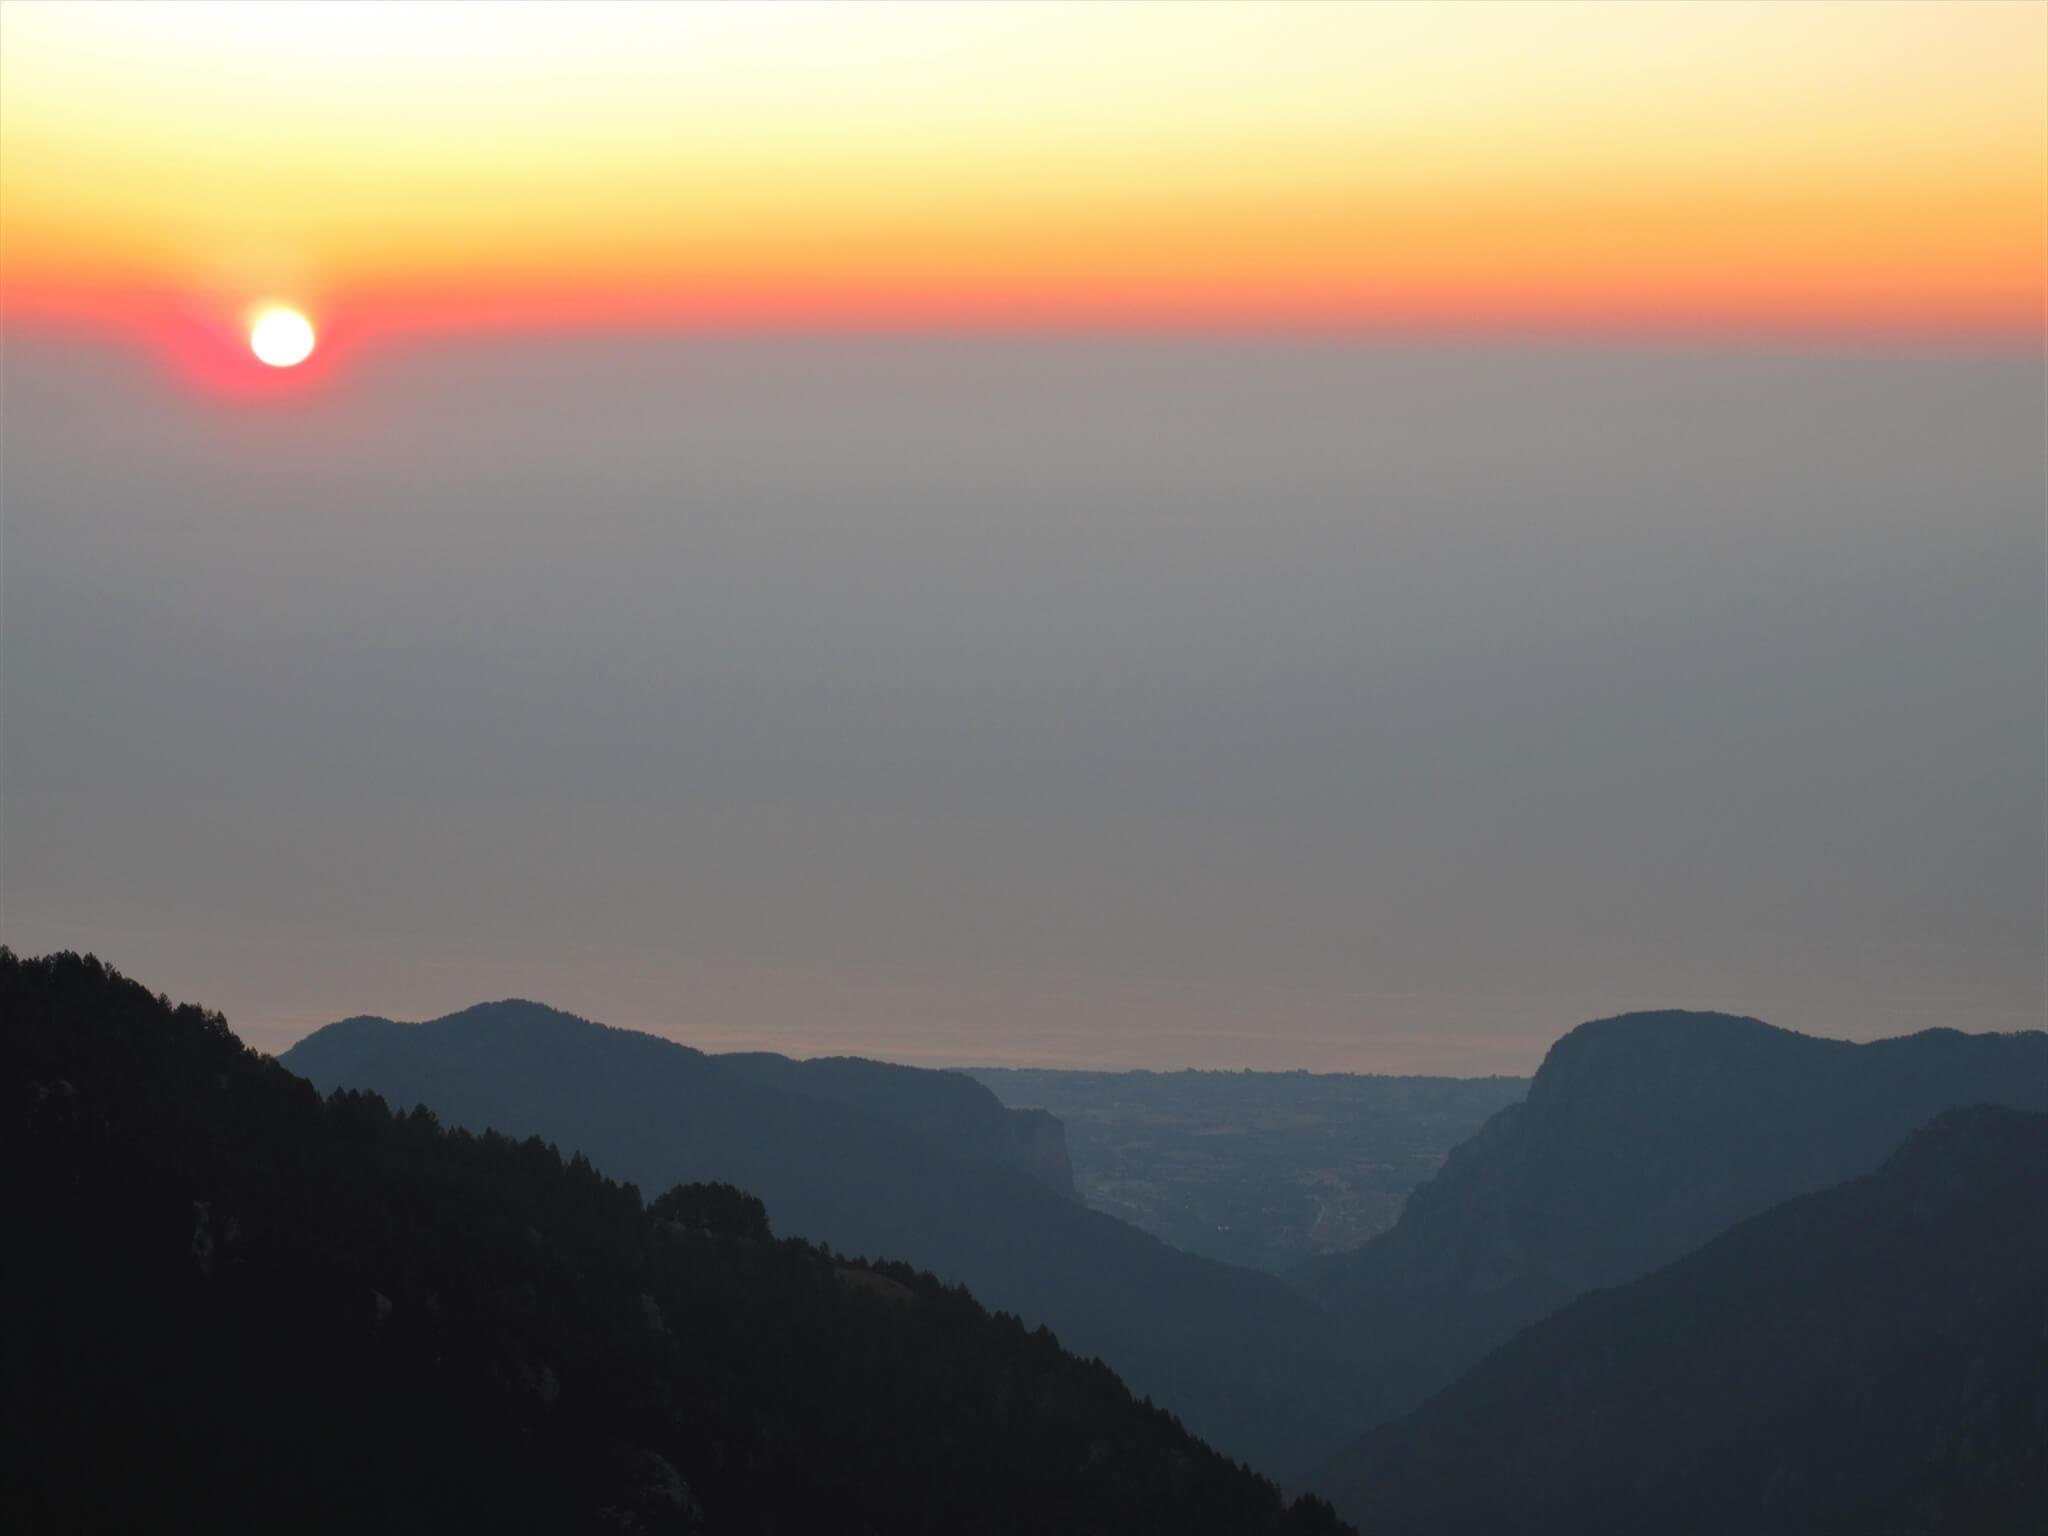 ピークへ向かう朝 地中海から朝日 前景にリトホロと岩の門